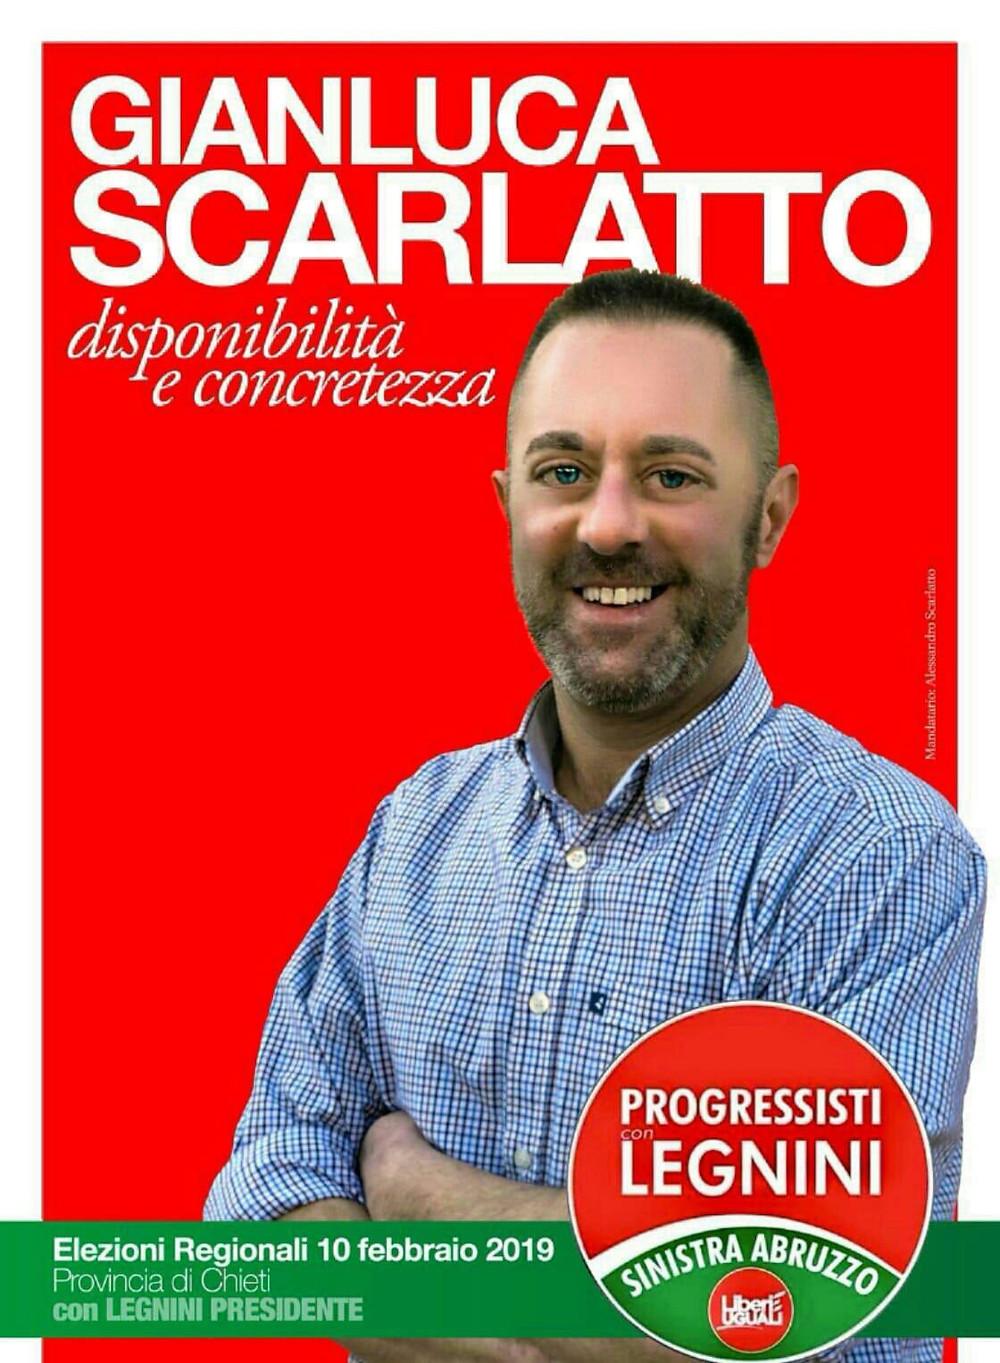 Gianluca Scarlatto